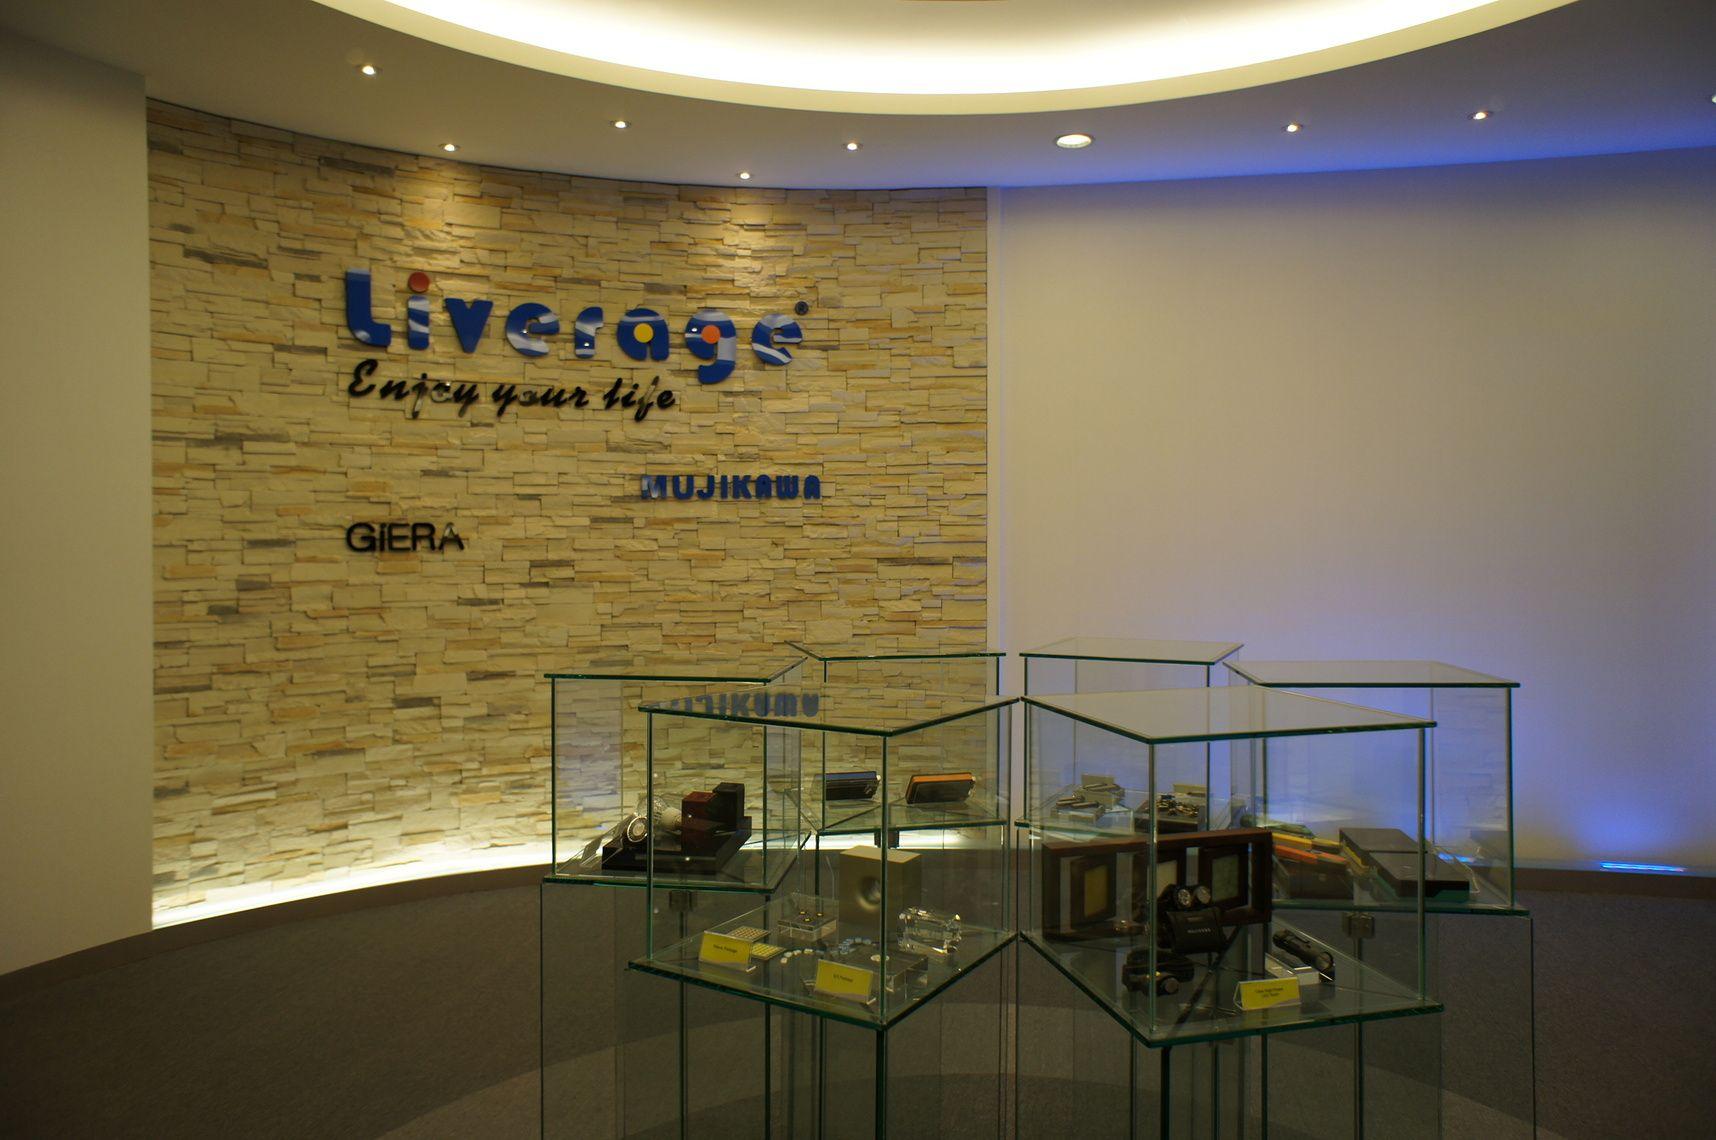 Liverage zajmuje się komunikacją światłowodową od ponad 15 lat.